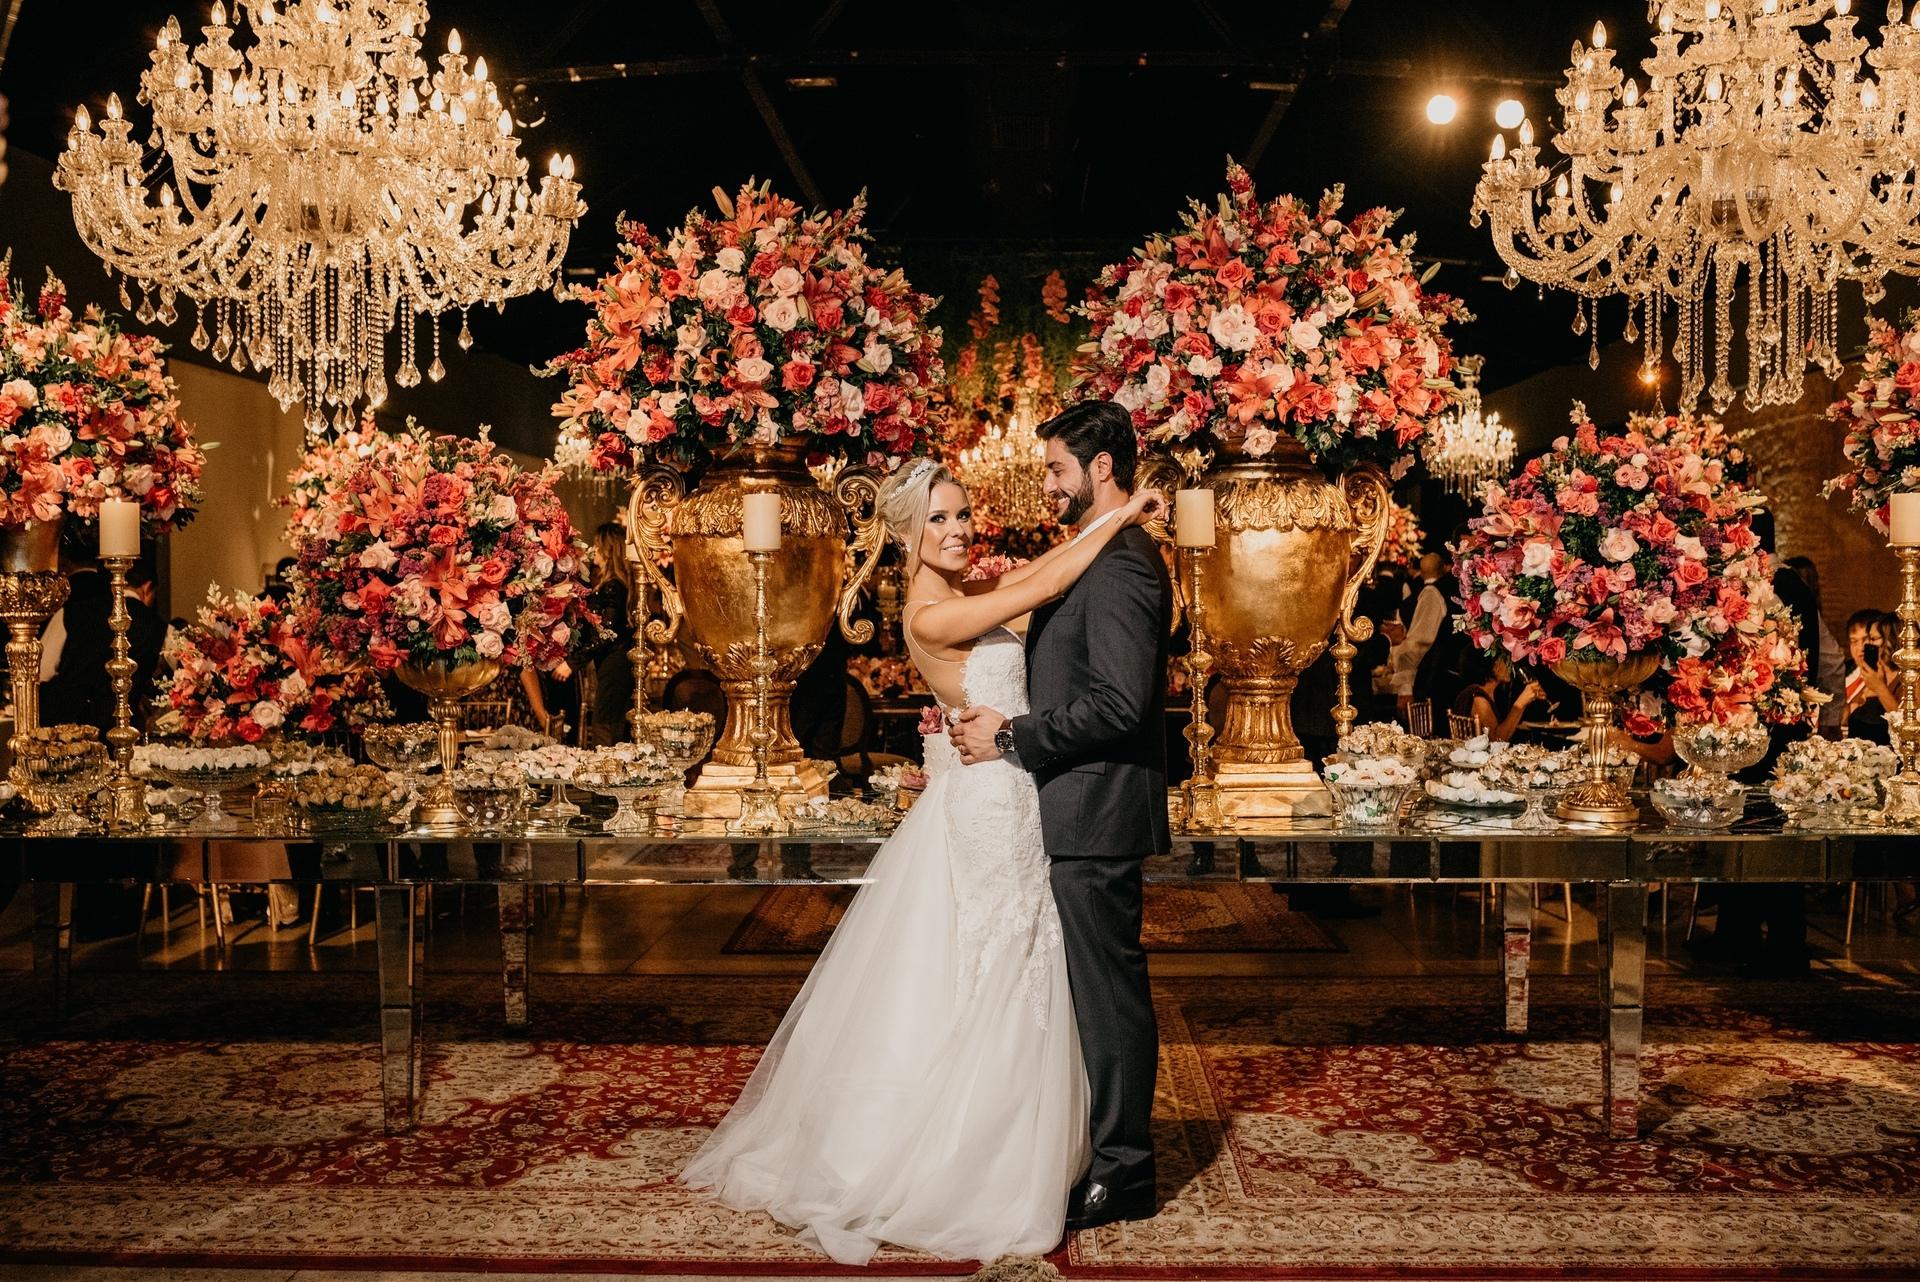 Contate Alexandre Lizardo - Fotógrafo de Casamento - Belo Horizonte - MG